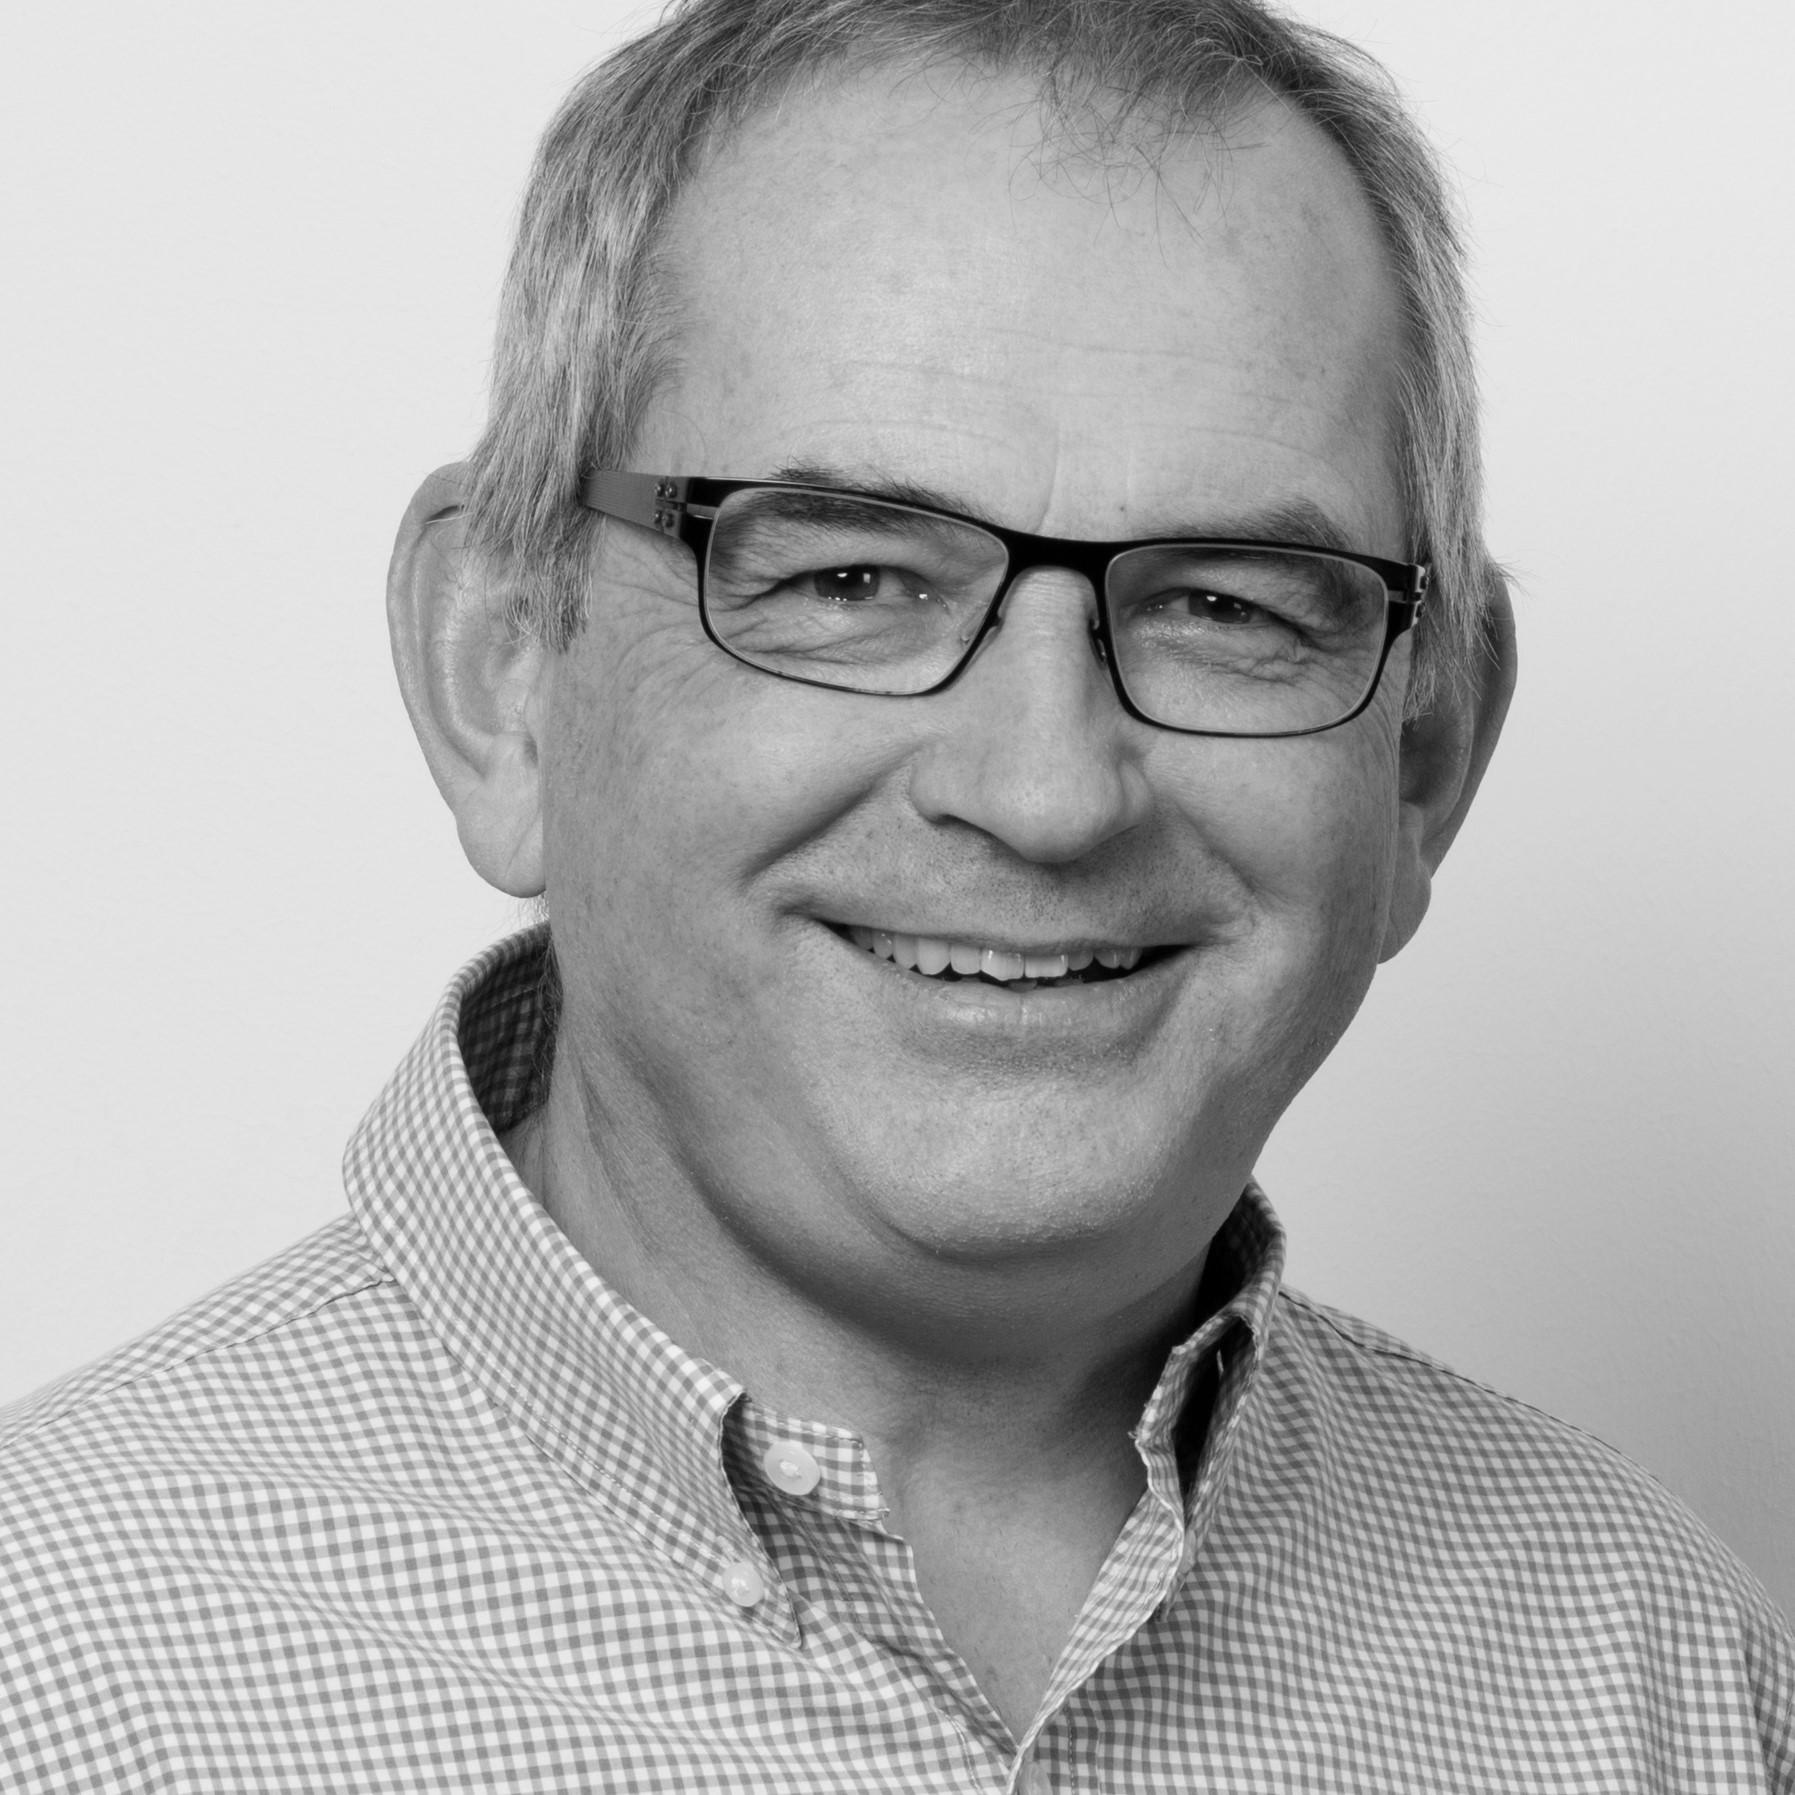 Peter Stämpfli - Unternehmer, Stämpfli AG Bern